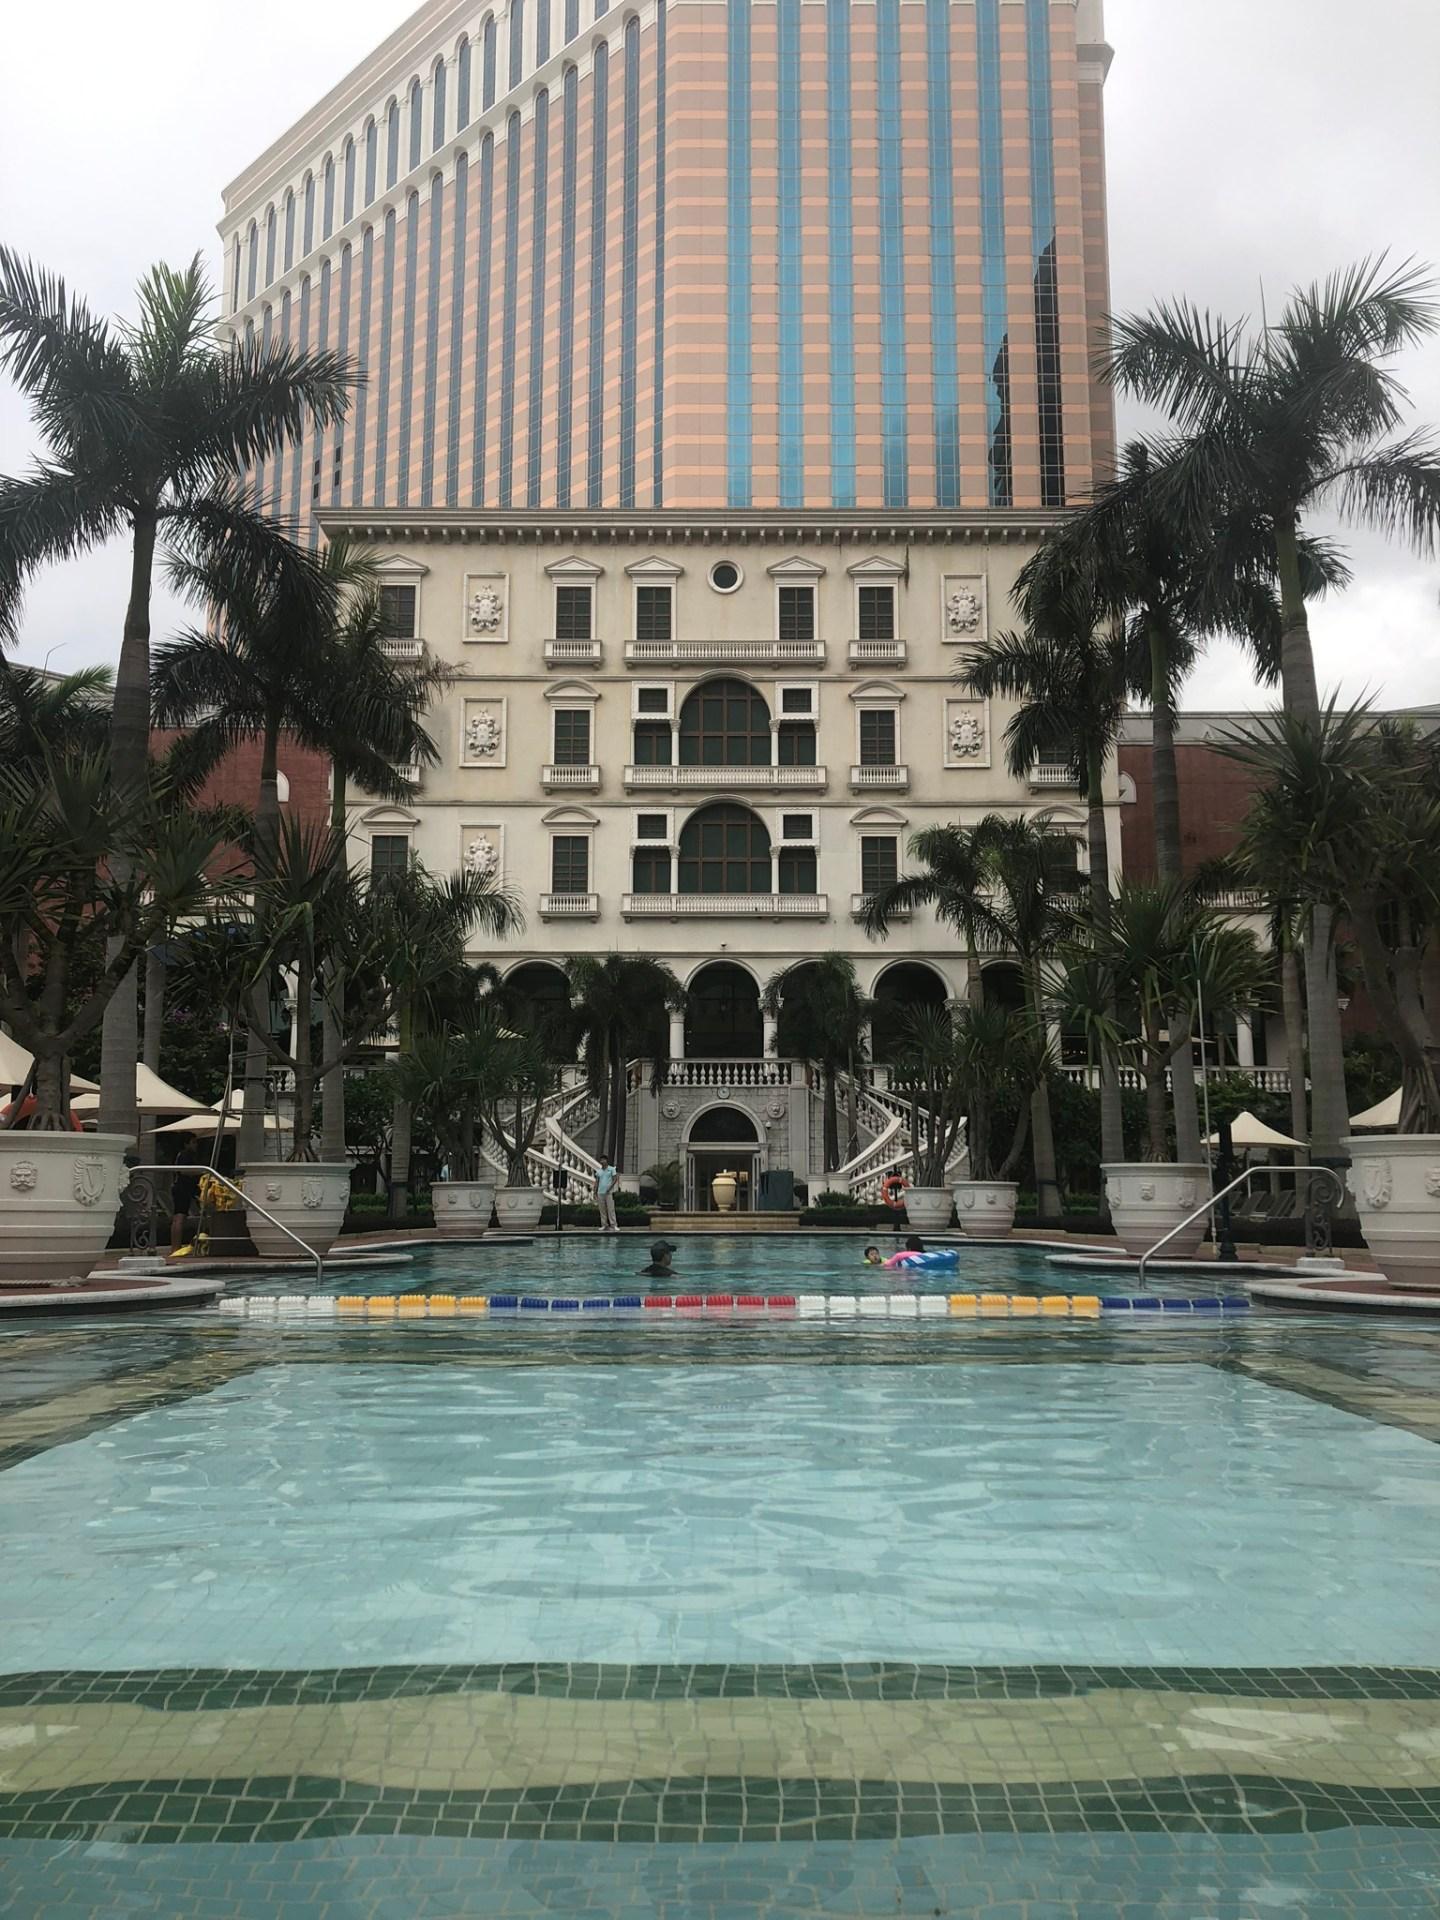 Pool at the Venetian Macau